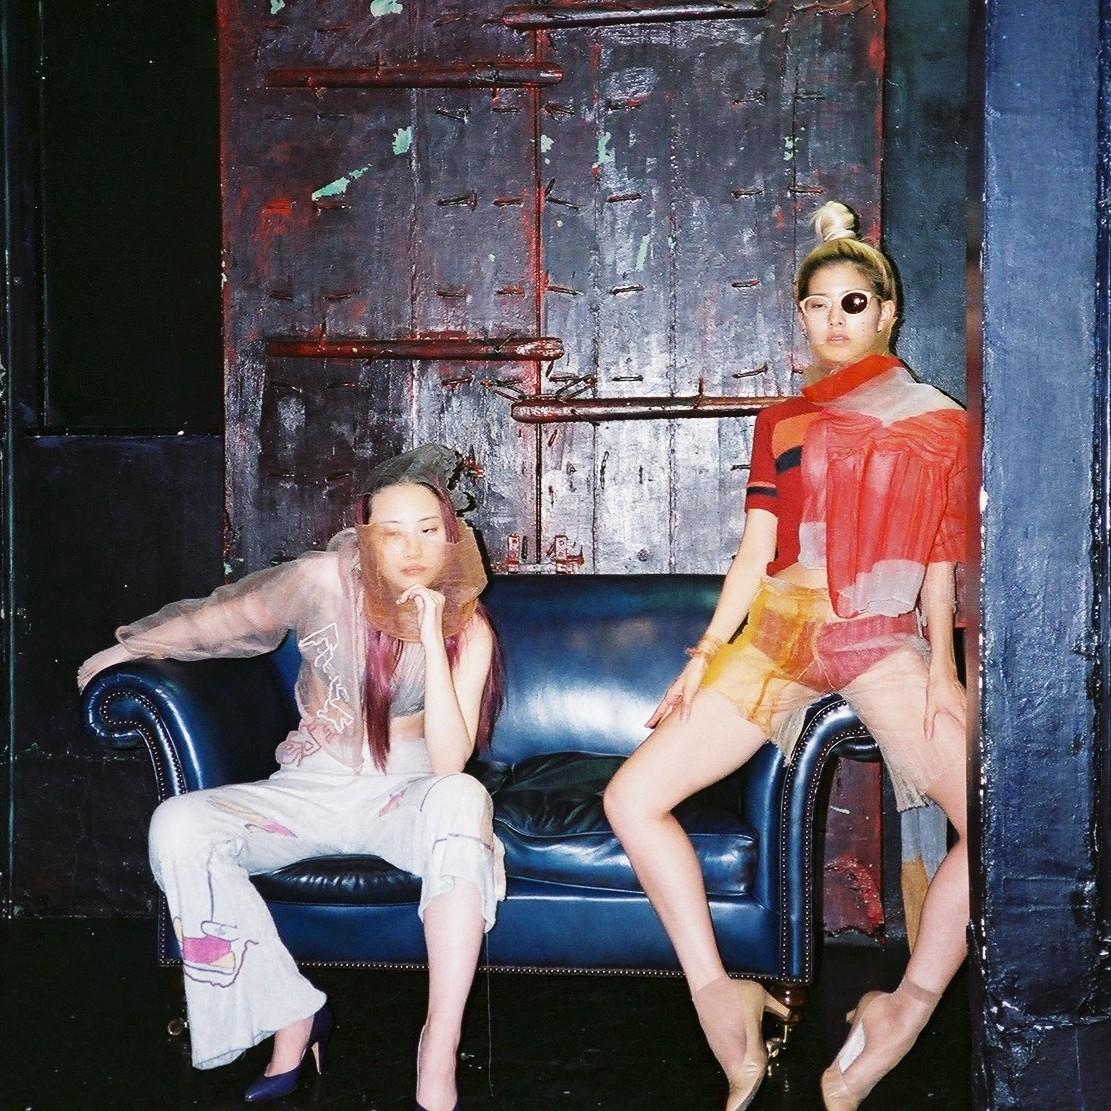 illusion of surroundings ceilne bouaziz spaceman collection edito fashion story le dernier etage magazine webditorial